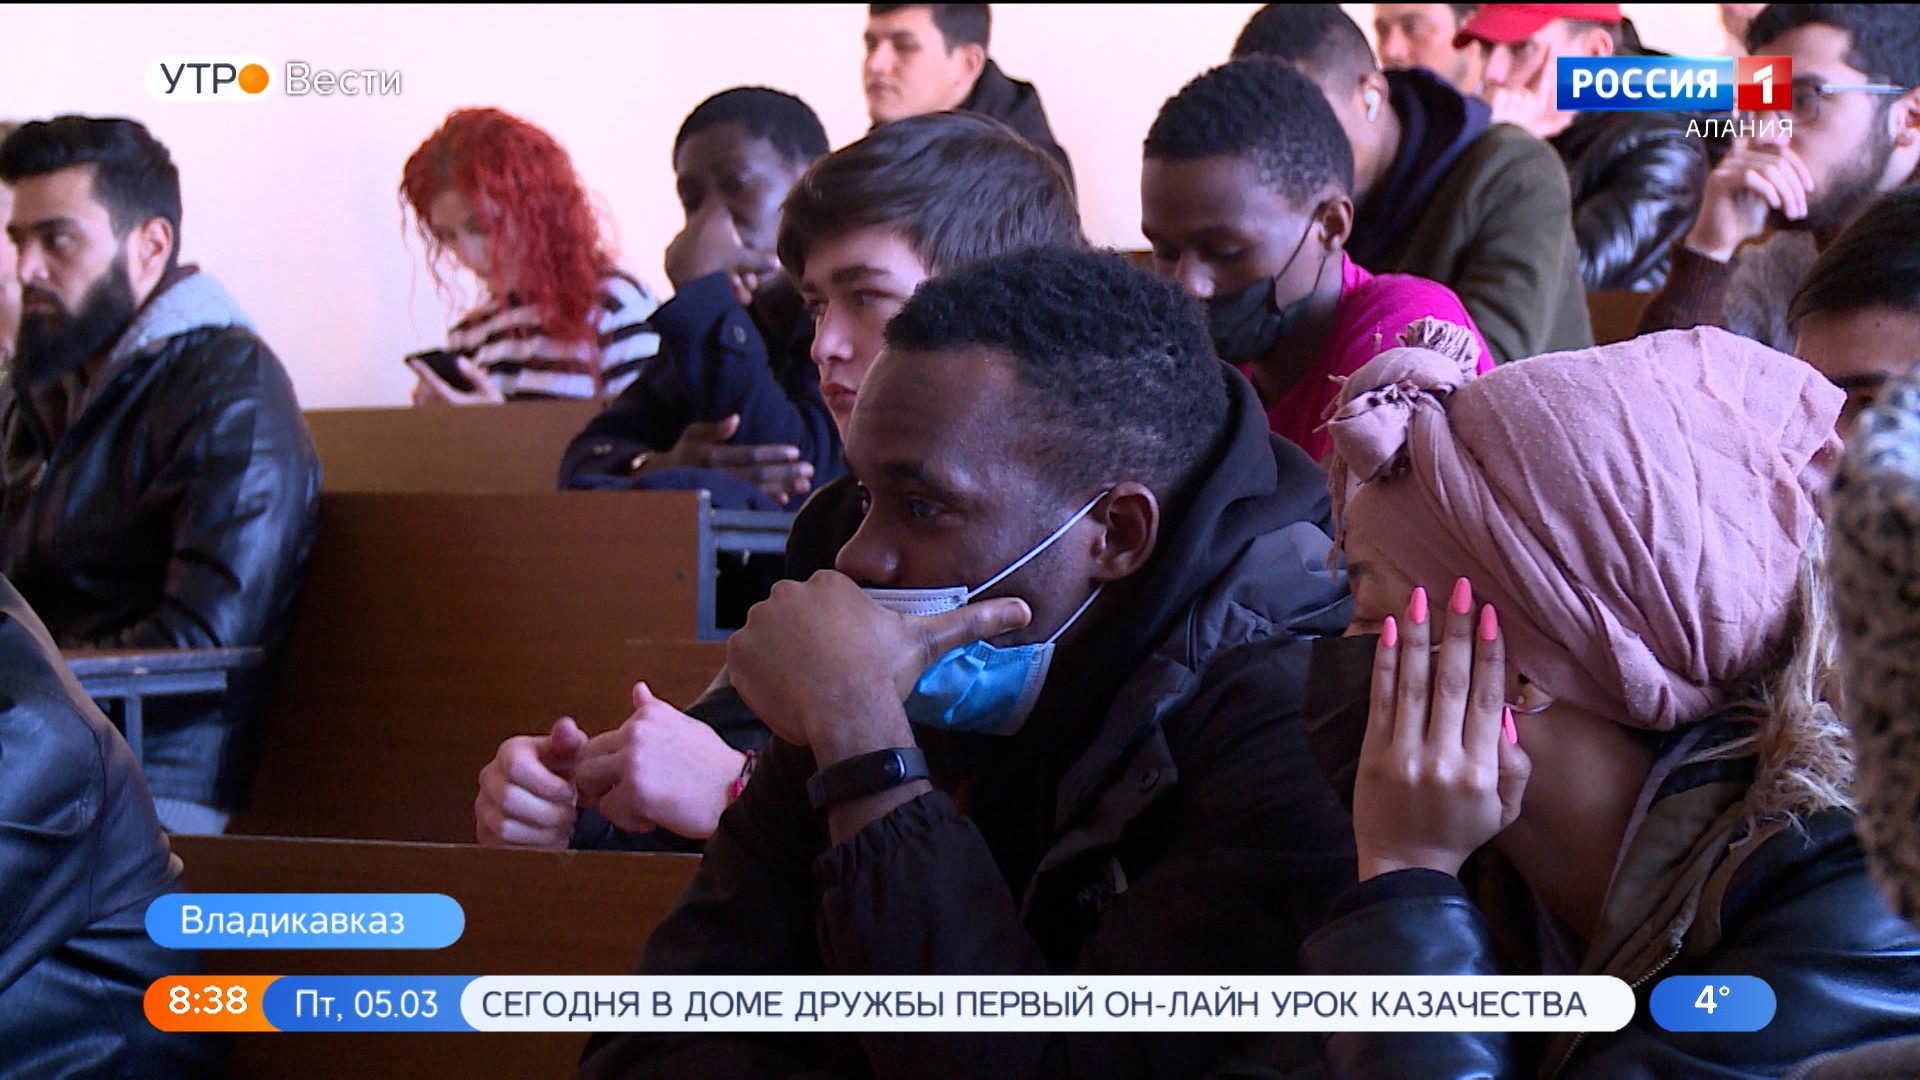 В ГМИ прошла лекция по противодействию идеологии терроризма в образовательной сфере и молодежной среде